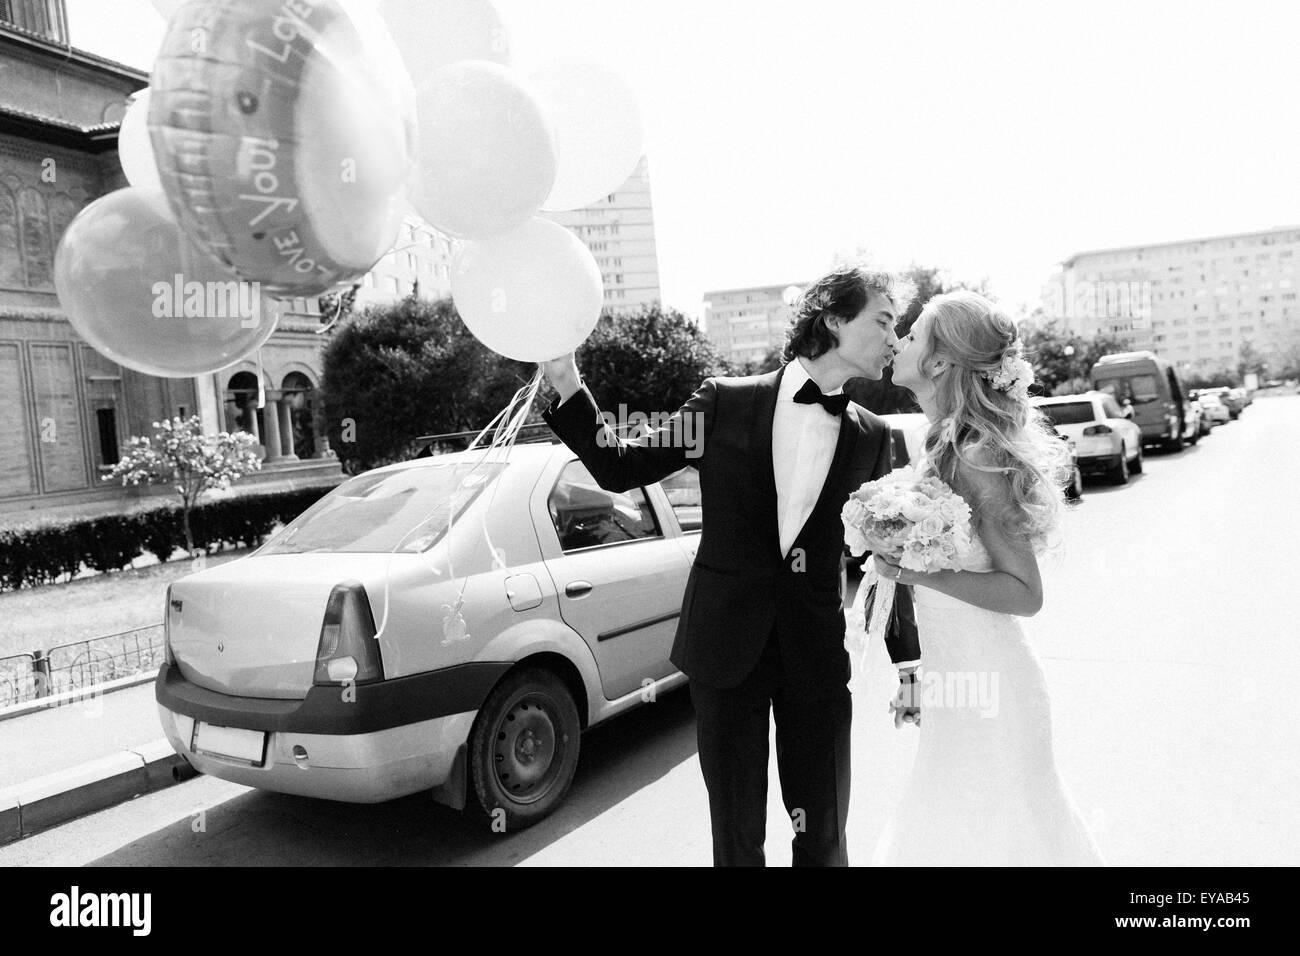 Joven recién casada pareja besándose en una calle. Imagen en blanco y negro con grano de película Imagen De Stock